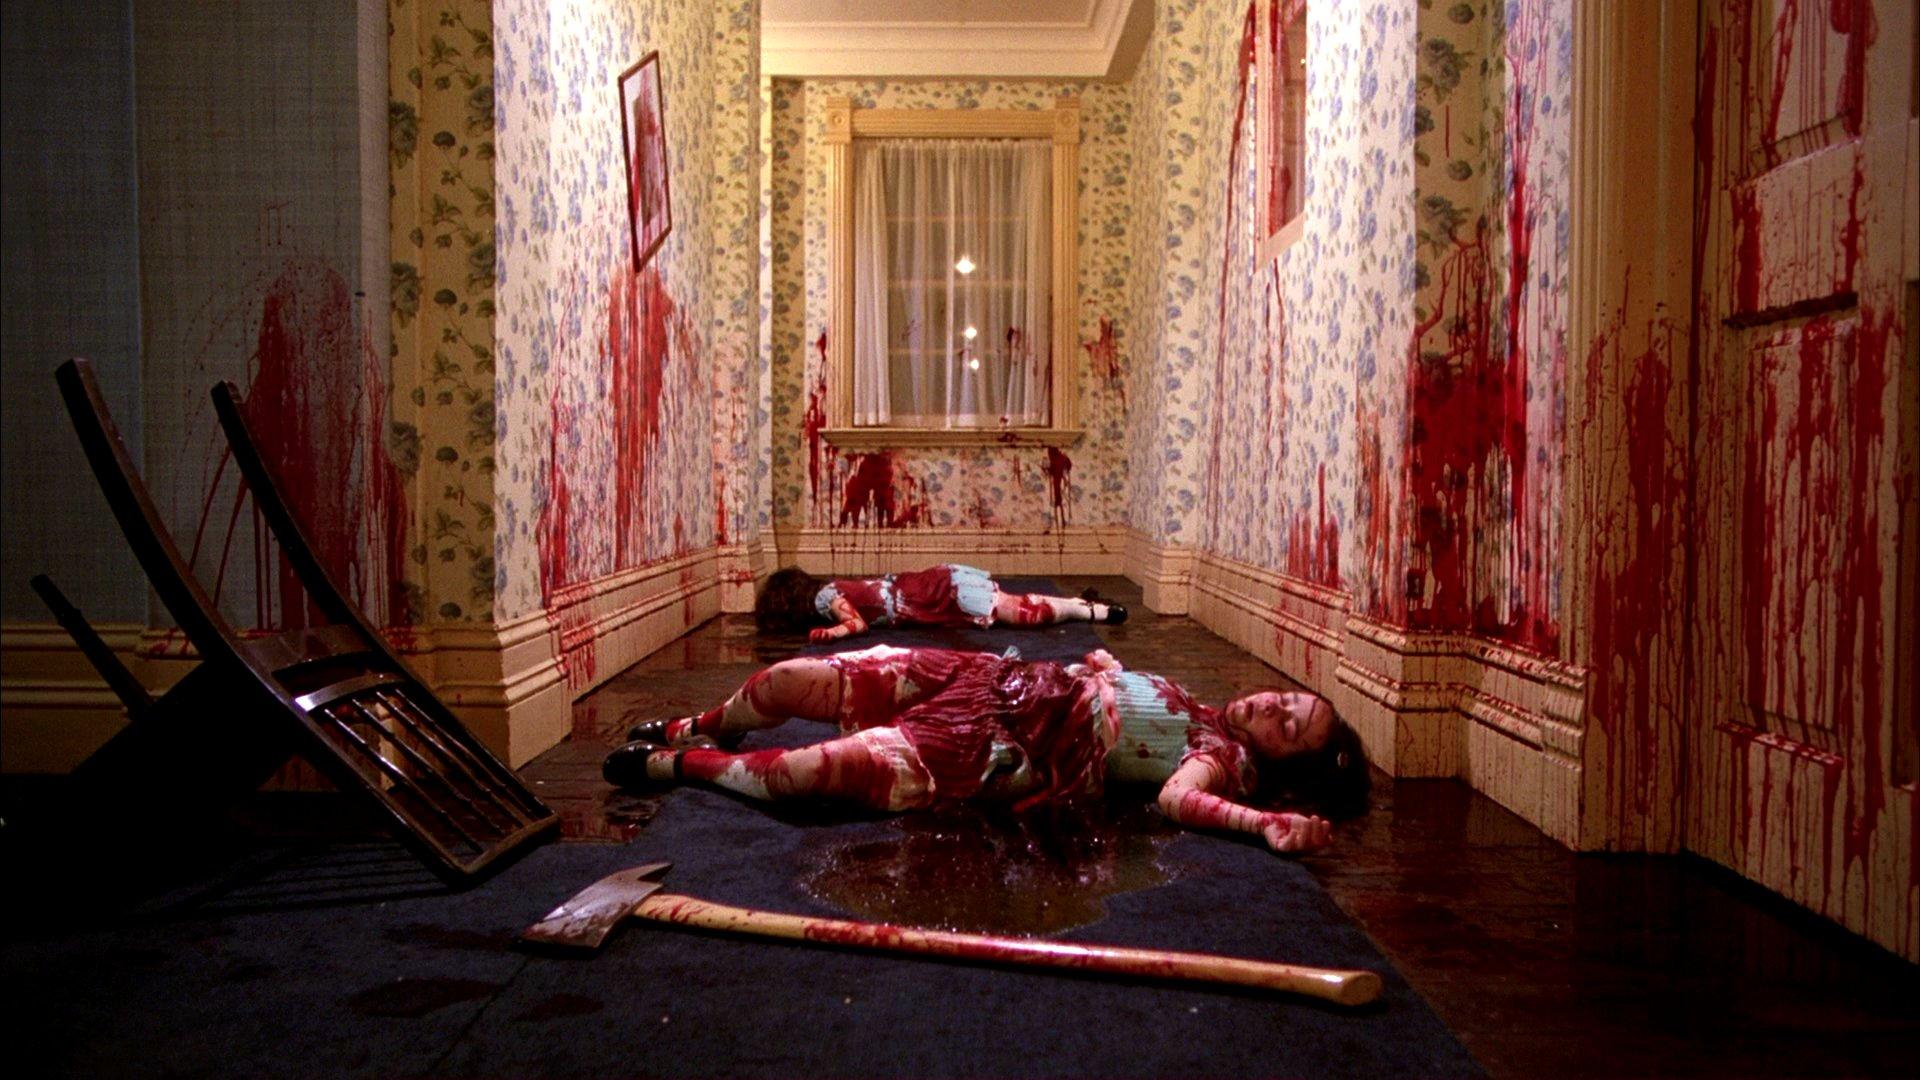 horror thriller dark movie film classic blood macabre murder wallpaper 1920x1080